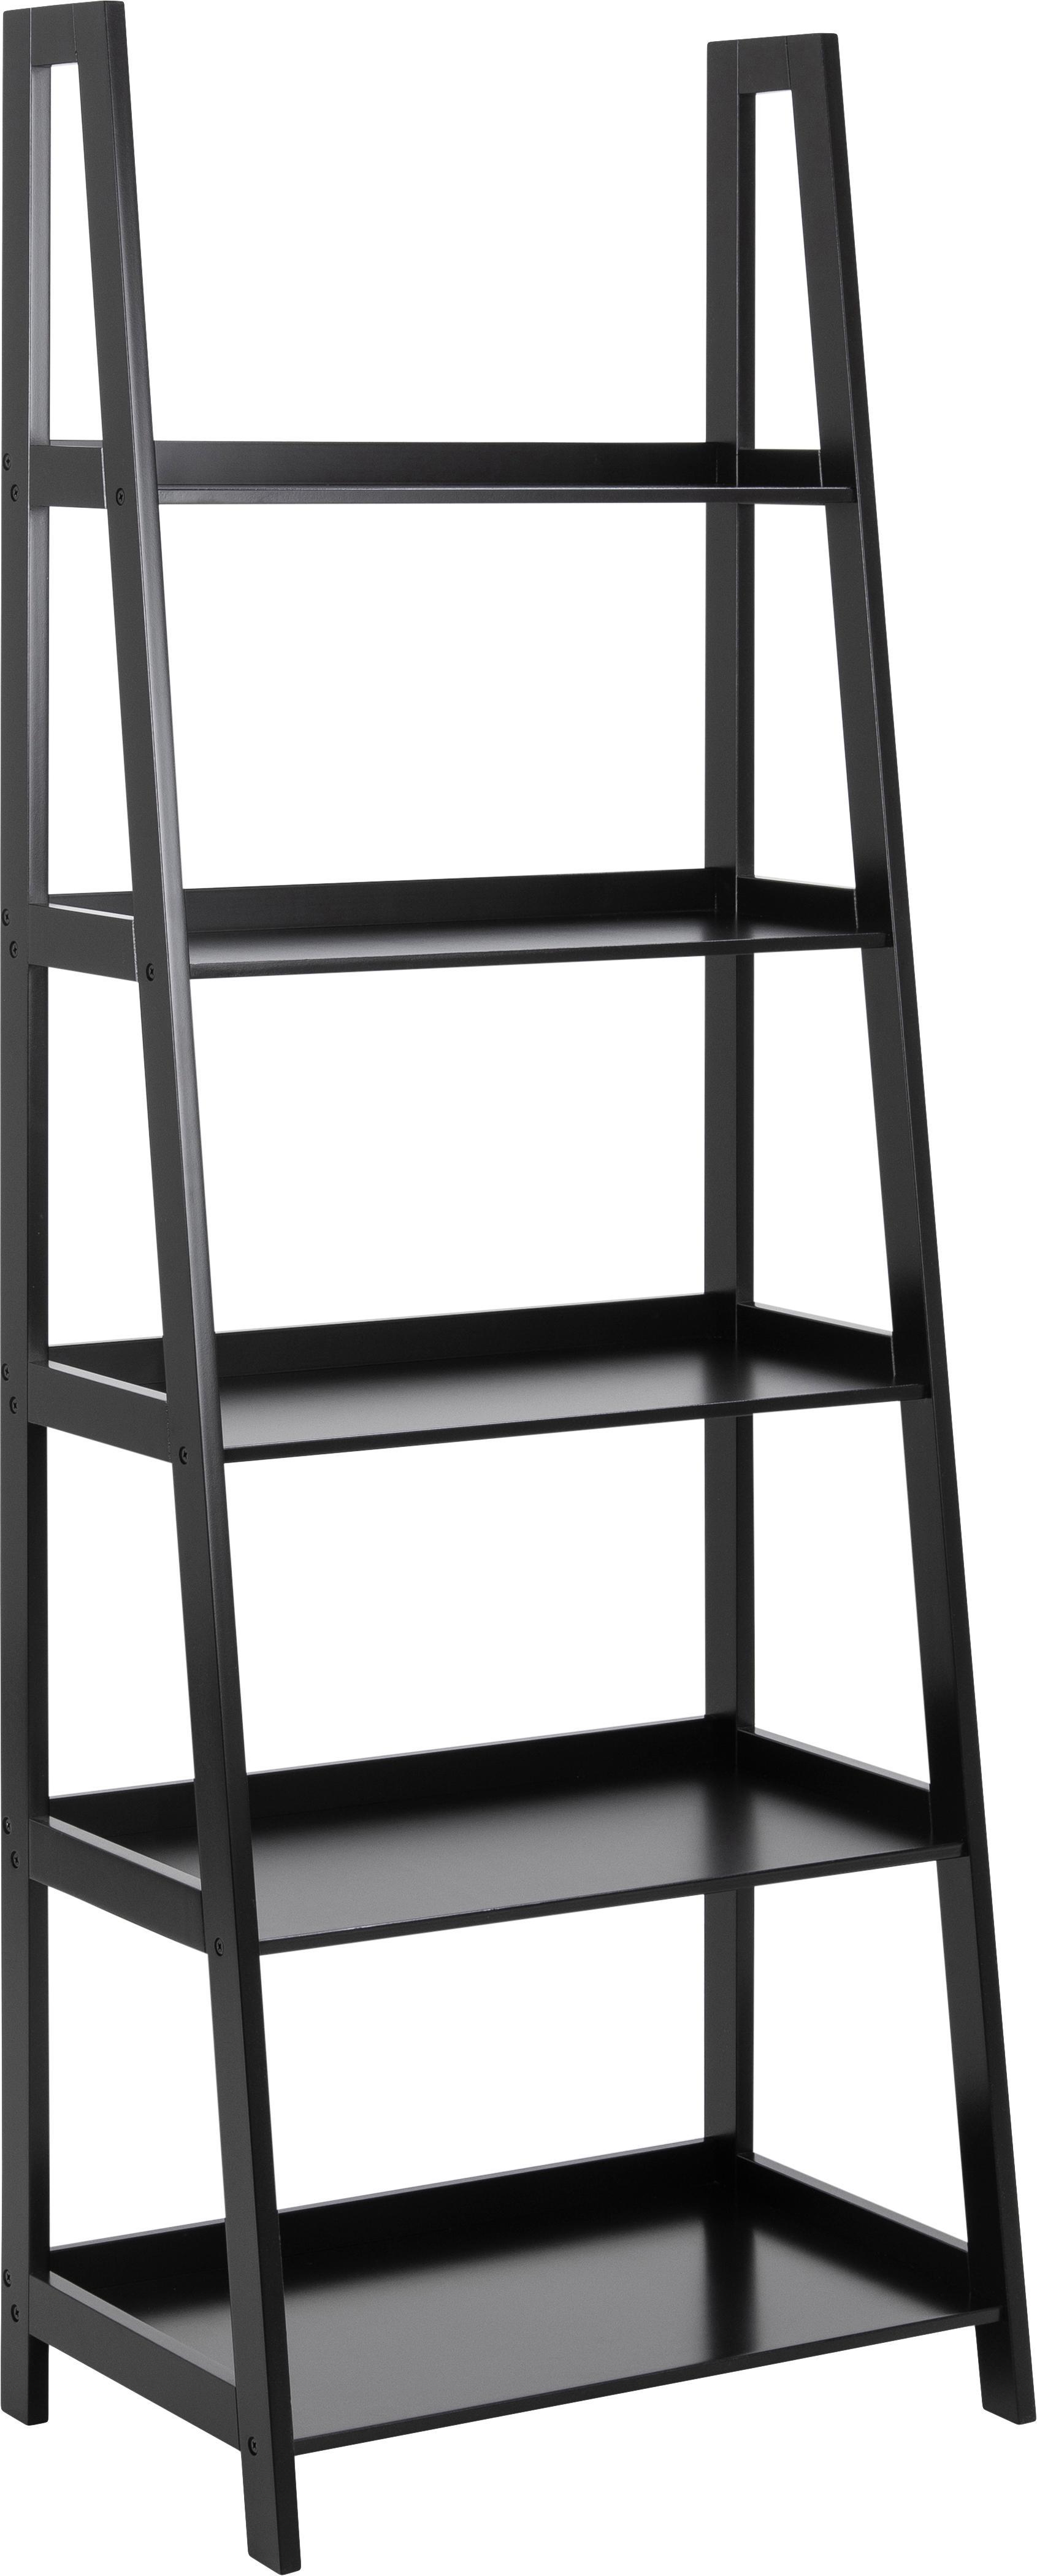 Ladder wandkast Wally in zwart, Gelakt MDF, Zwart, 63 x 180 cm